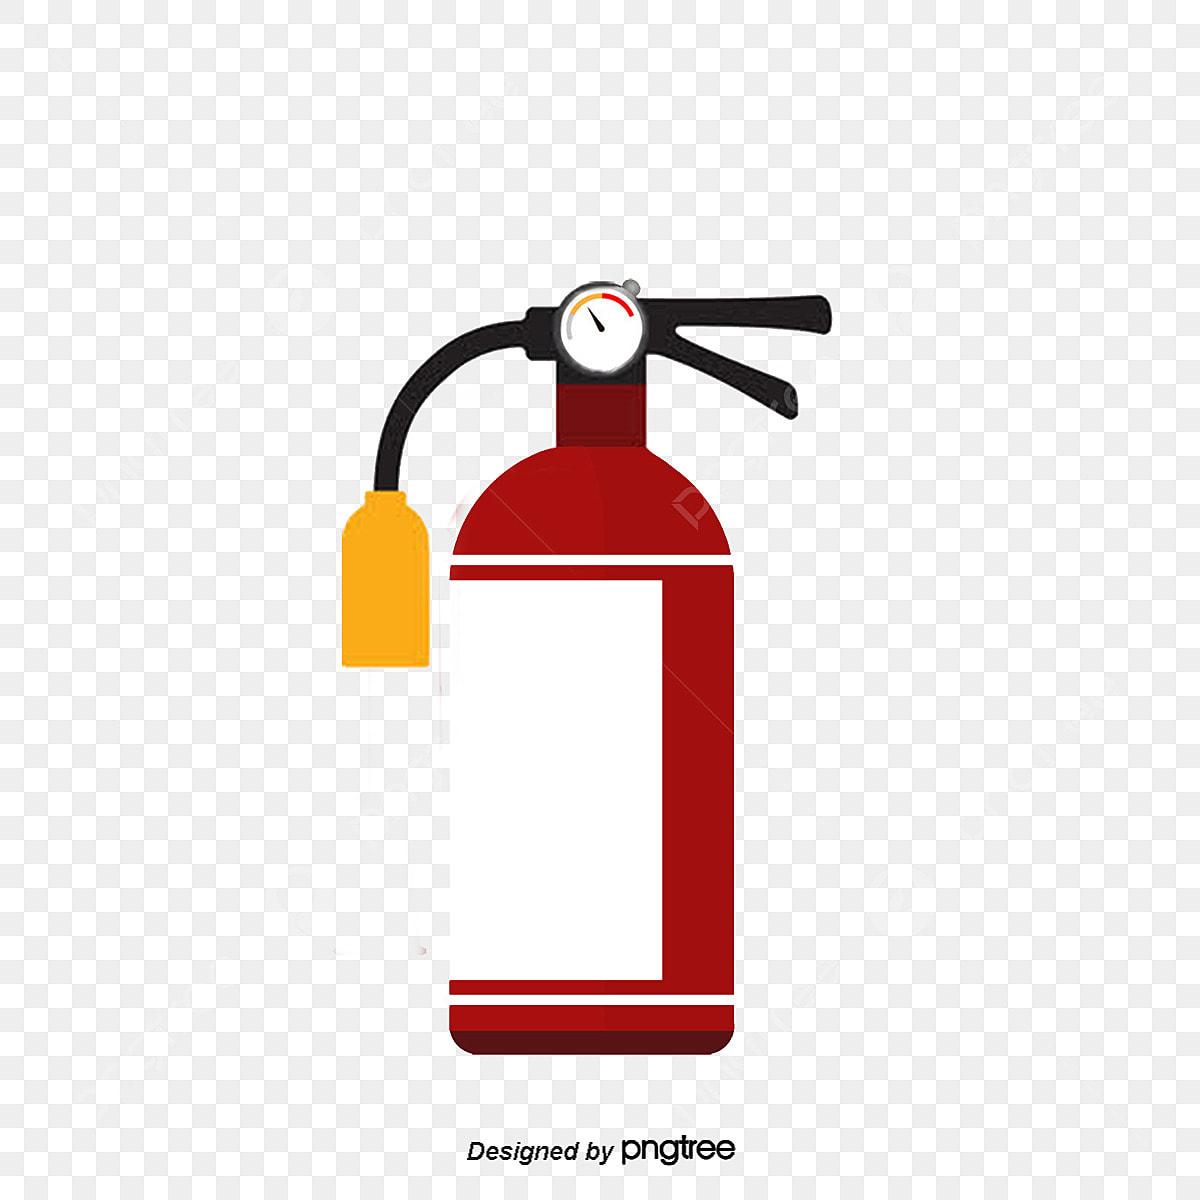 طفاية حريق التوضيح الكرتون طفاية حريق التصوير الفوتوغرافي قصاصة فنية Png